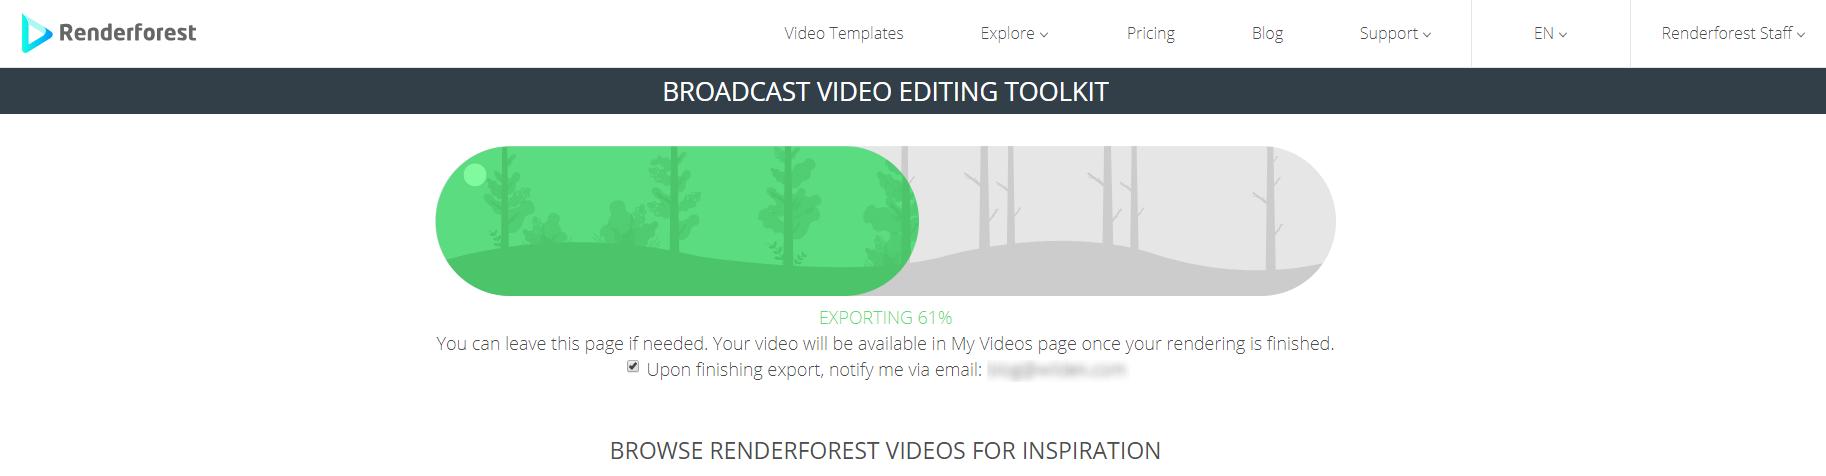 Набор инструментов для монтажа видео для трансляции - Обработка